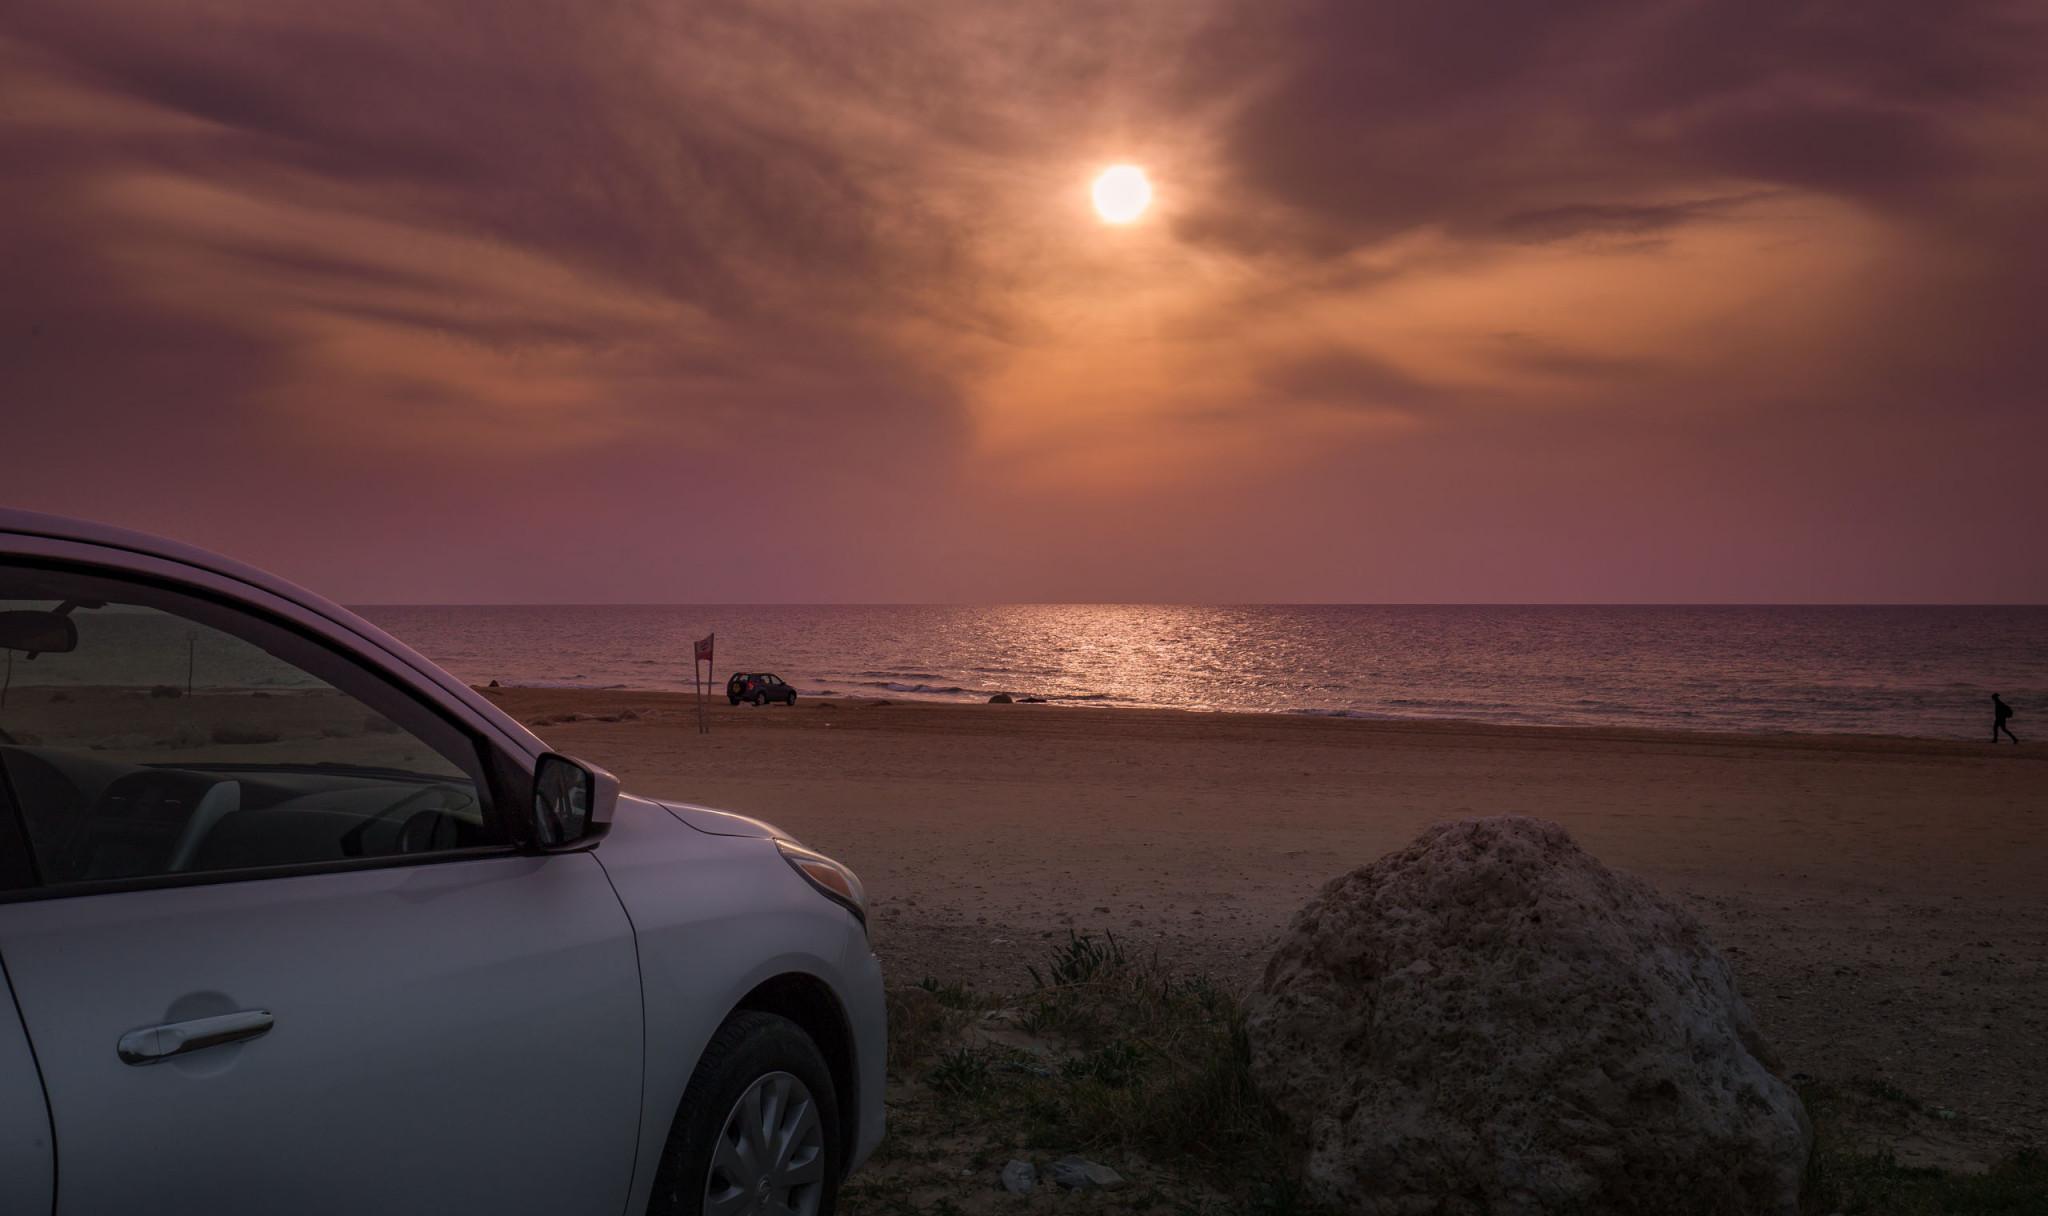 Аренда авто в Израиле: что важно знать каждому туристу?